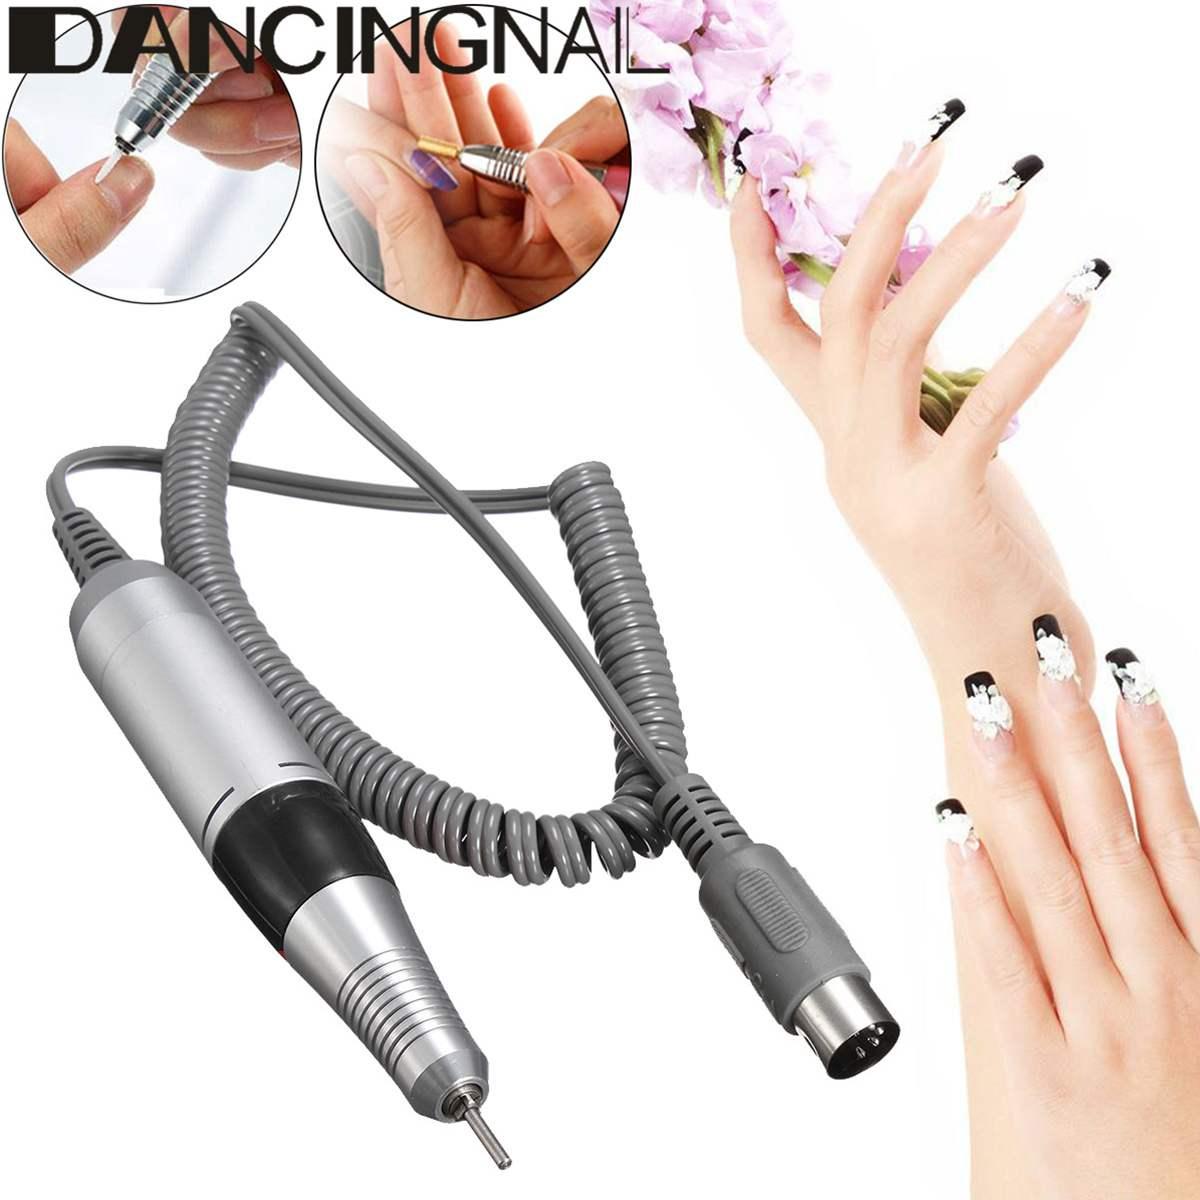 kit profissional com caneta para manicure kit com caneta para manicure e pedicure lixa de unha